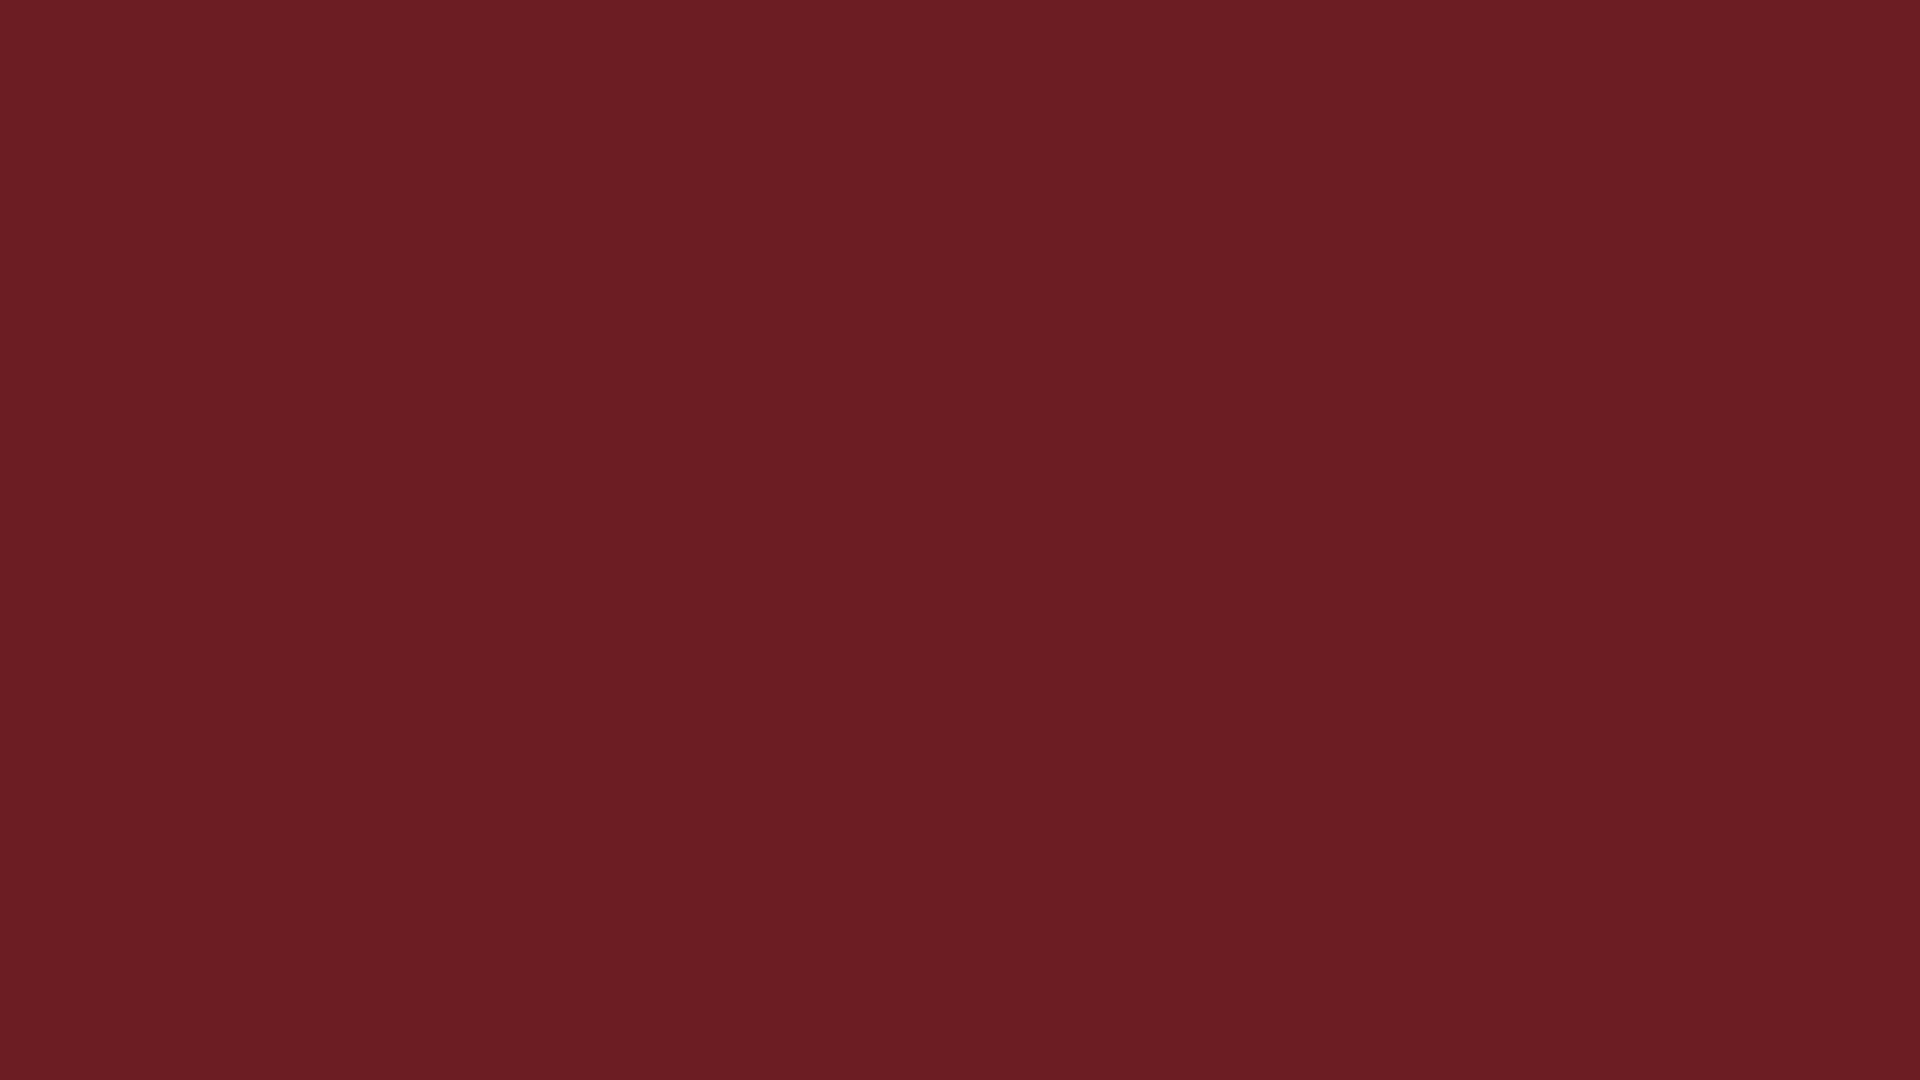 SMS Deurtechniek - RAL 3004 - purperrood